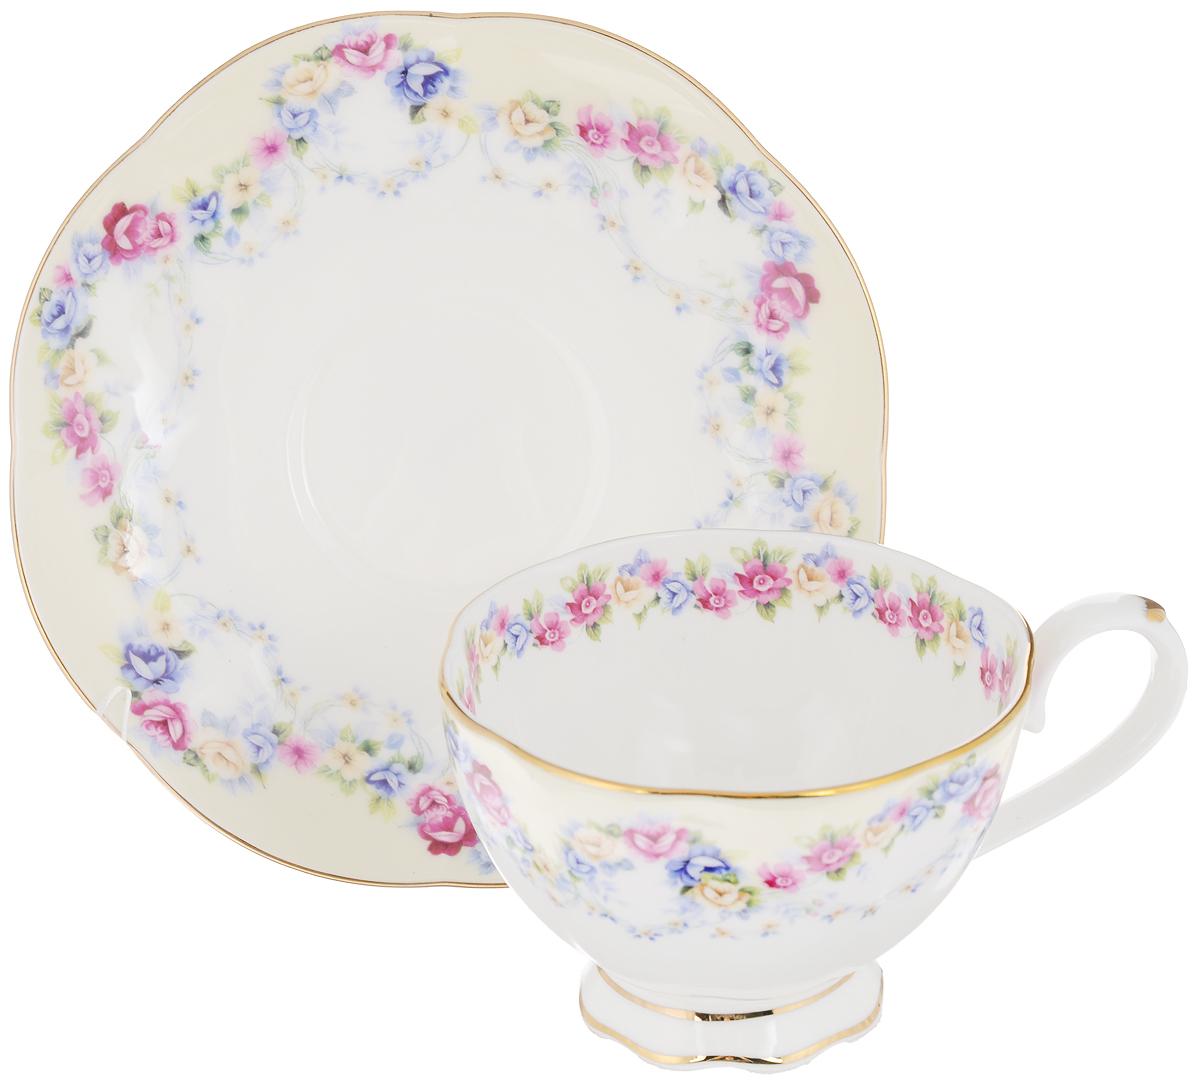 Чайная пара Elan Gallery Гирлянда из роз, 2 предмета530036Чайная пара Elan Gallery Гирлянда из роз состоит из чашки и блюдца, изготовленных из керамики высшего качества, отличающегося необыкновенной прочностью и небольшим весом. Яркий дизайн, несомненно, придется вам по вкусу. Чайная пара Elan Gallery Гирлянда из роз украсит ваш кухонный стол, а также станет замечательным подарком к любому празднику. Не рекомендуется применять абразивные моющие средства. Не использовать в микроволновой печи. Объем чашки: 250 мл. Диаметр чашки (по верхнему краю): 10 см. Высота чашки: 7 см. Диаметр блюдца: 16 см. Высота блюдца: 2,2 см.